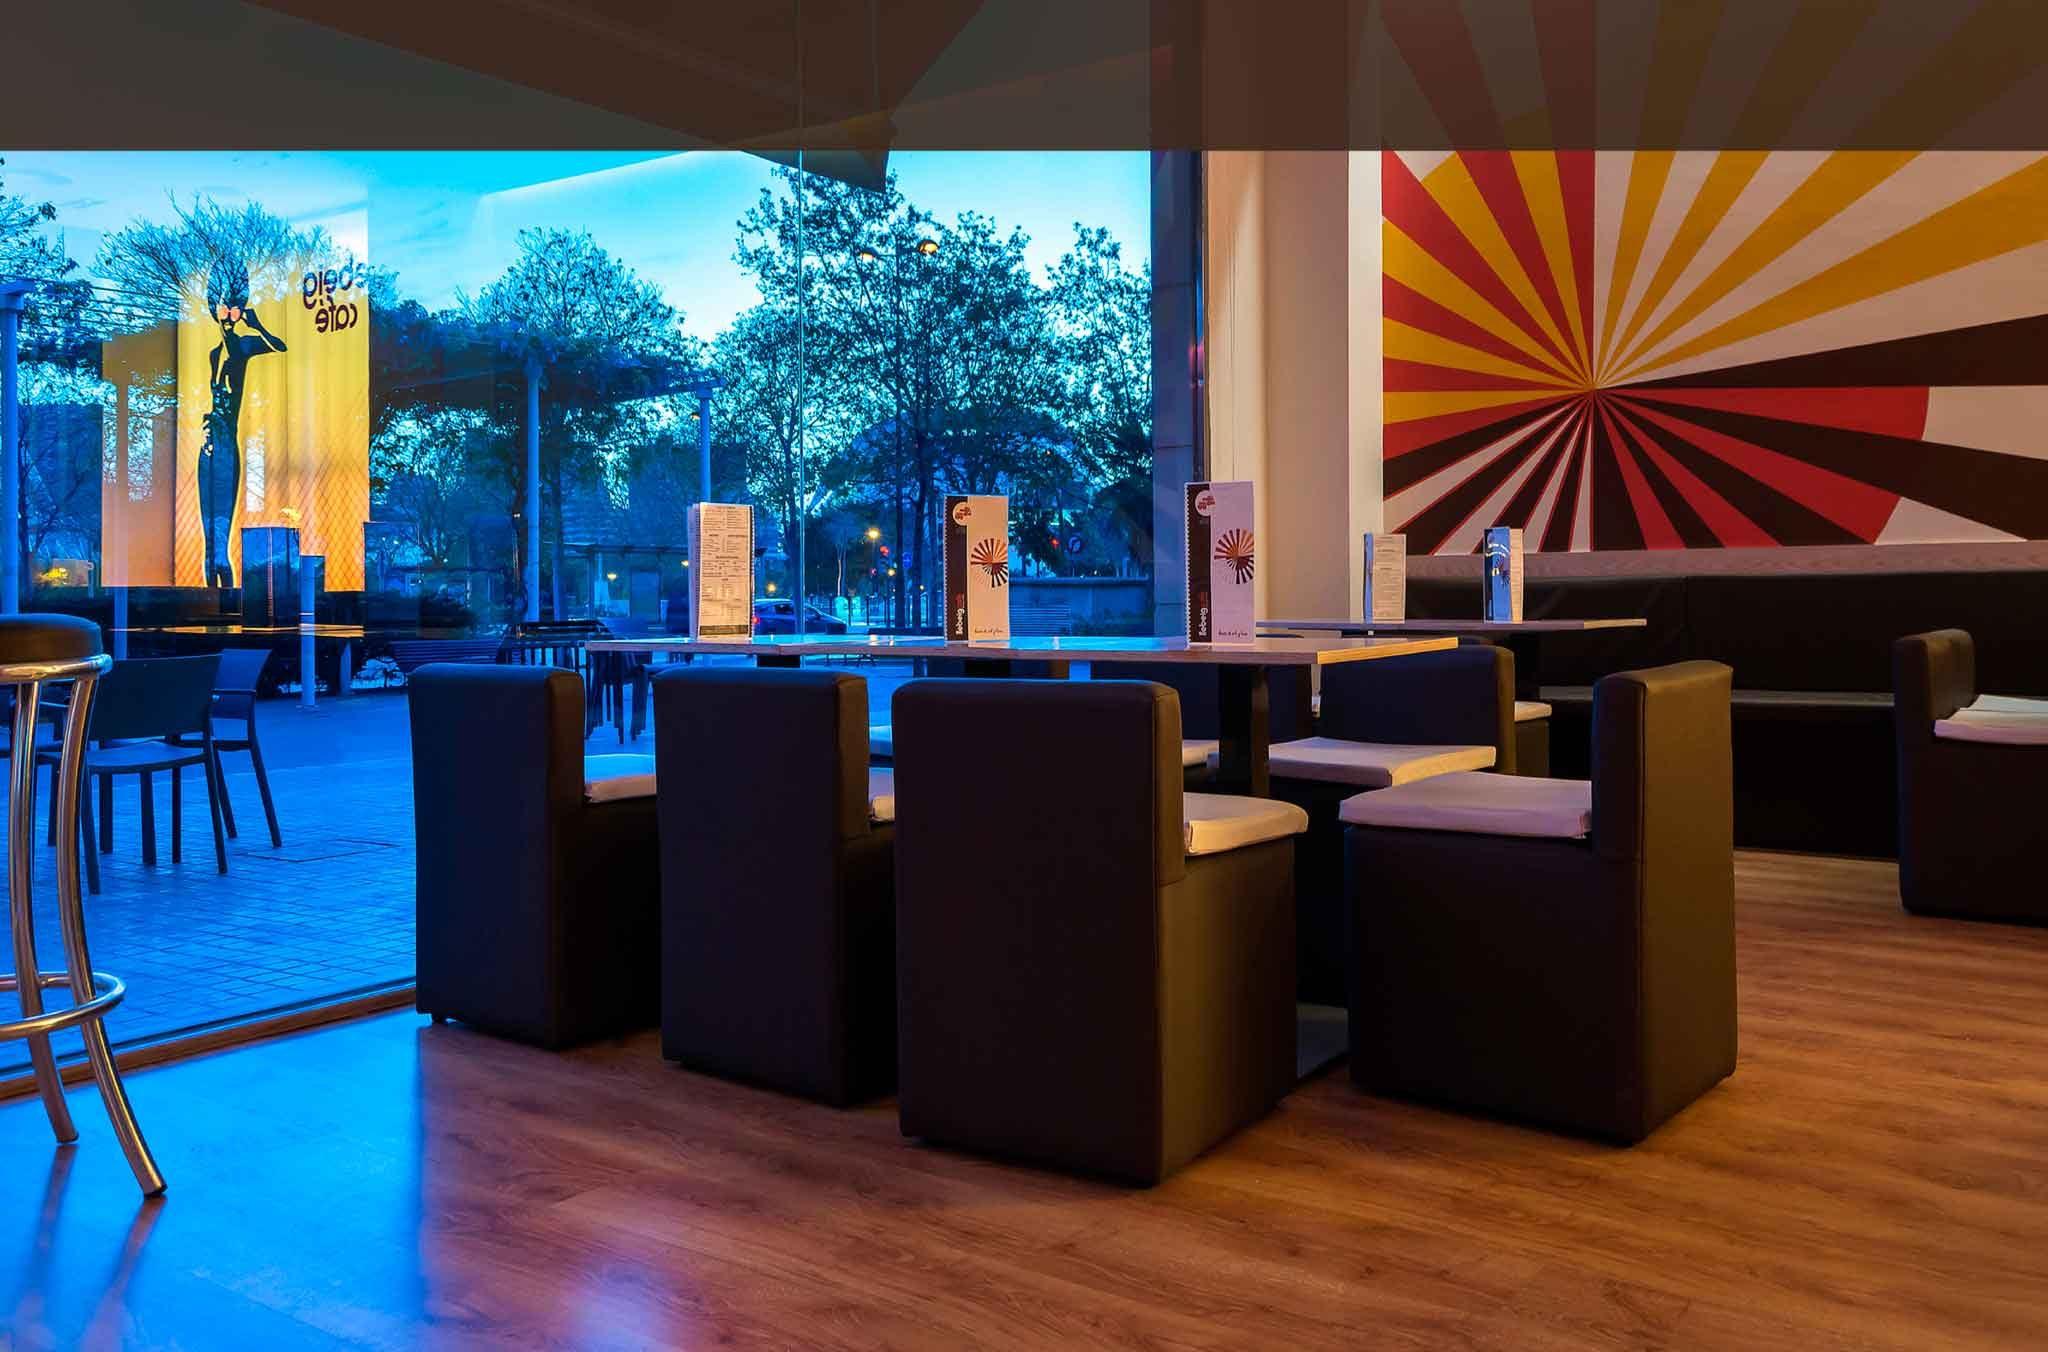 Llebeig Café bares con terraza en la Alameda de Valencia